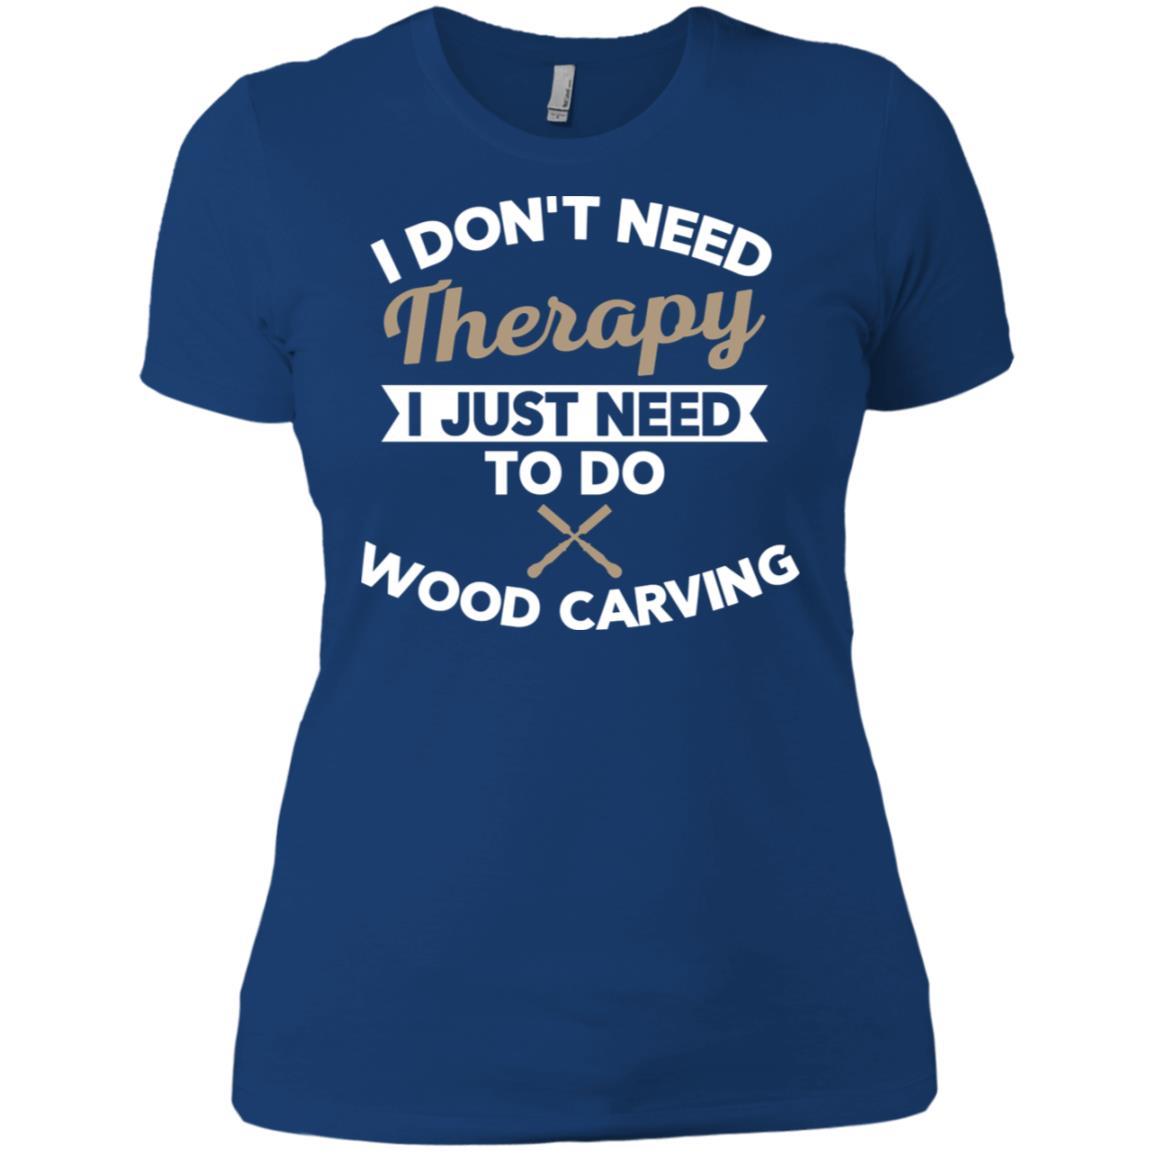 Wood Carving Gift for Carpenter Women Short Sleeve